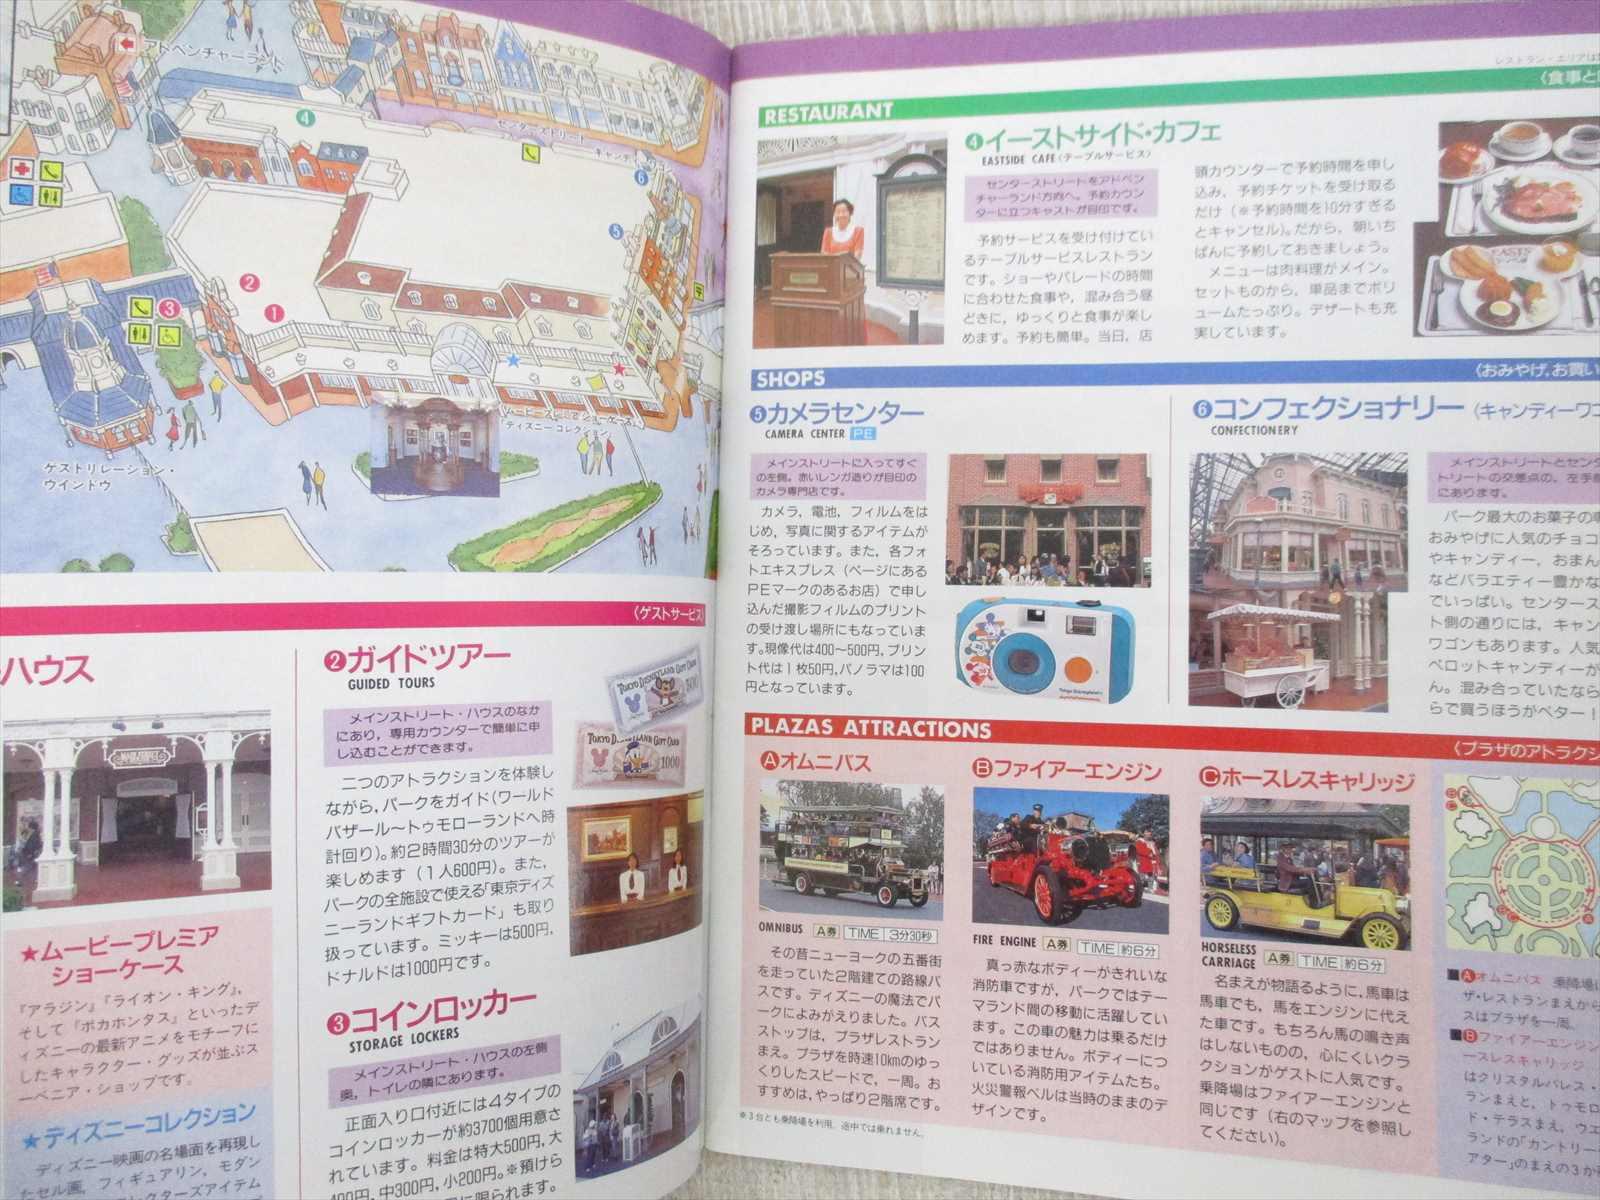 TOKYO DISNEYLAND New Expert/'s Map Guide 1998 Book Japan Disney Resort